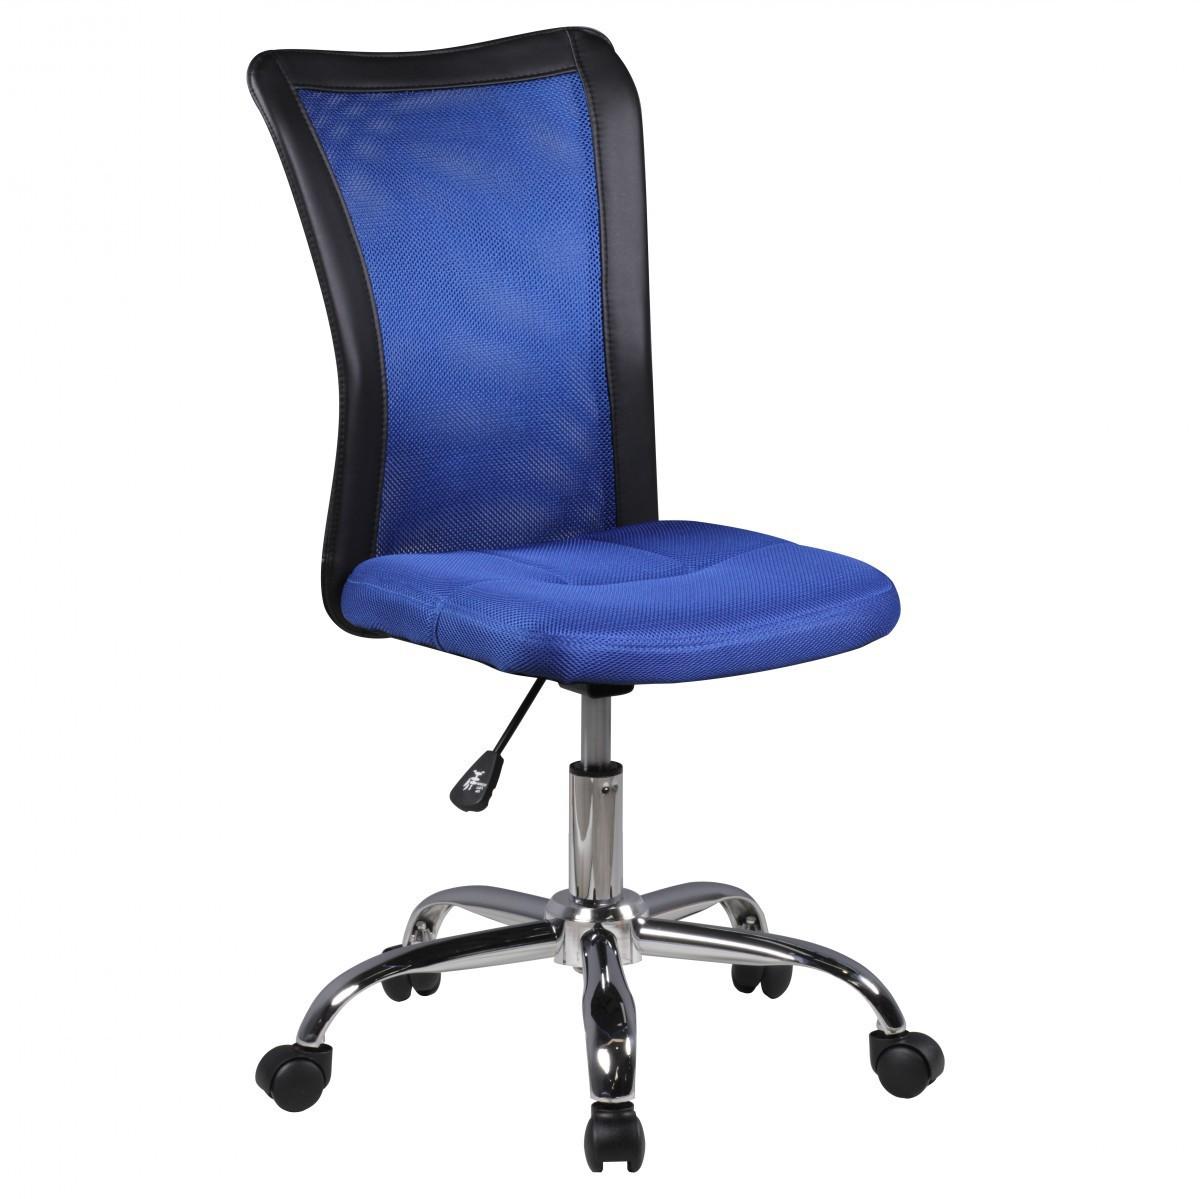 finebuy luki seggiolino scrivania altezza regolabile bambini da 6 sedie ufficio. Black Bedroom Furniture Sets. Home Design Ideas